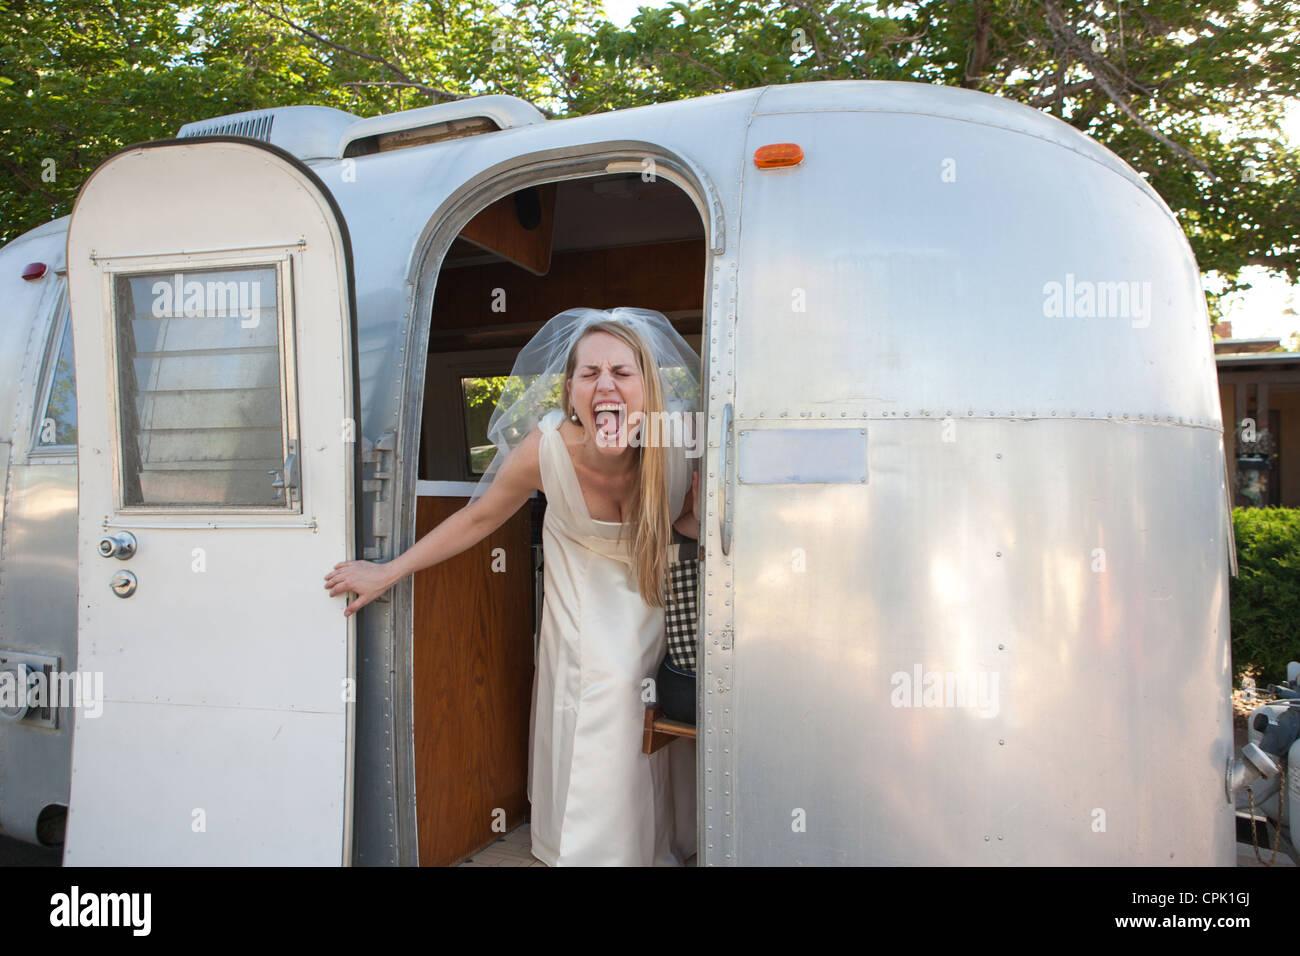 Esposa gritando com entusiasmo dentro de um trailer Airstream. Imagens de Stock